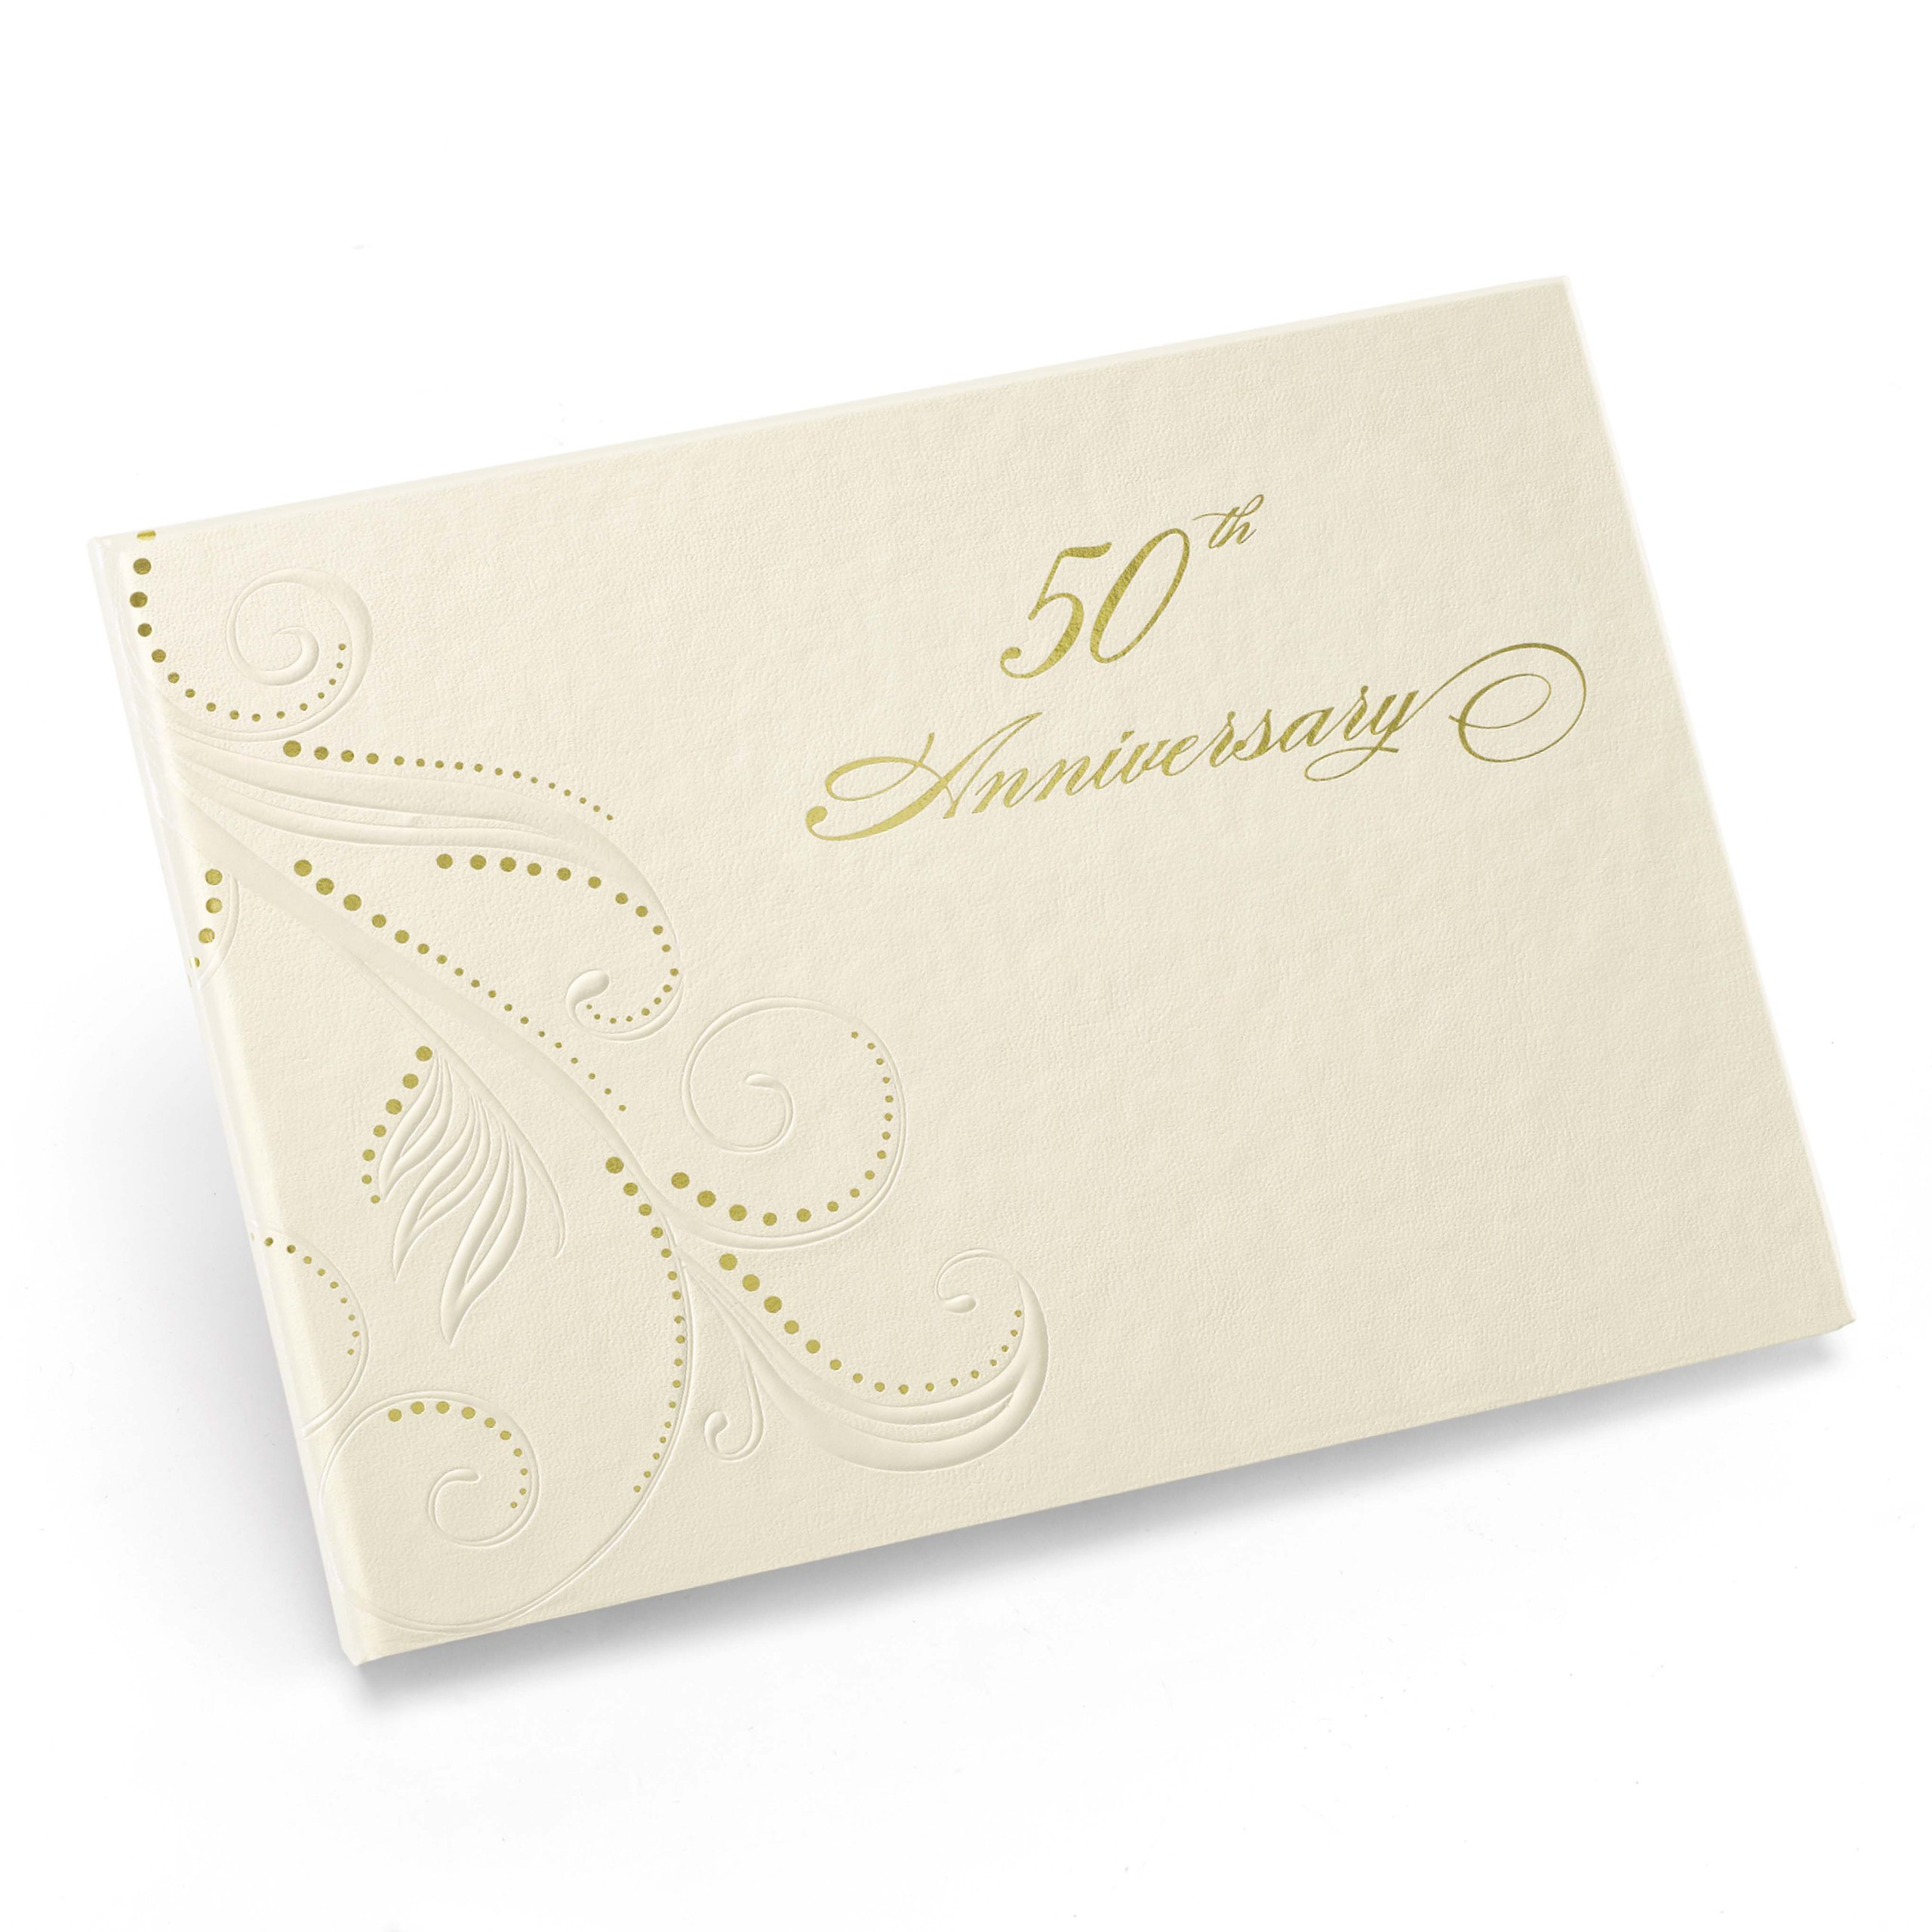 Hortense B. Hewitt Wedding Accessories 50th Anniversary Swirl Dots Guest Book, Ivory by Hortense B. Hewitt